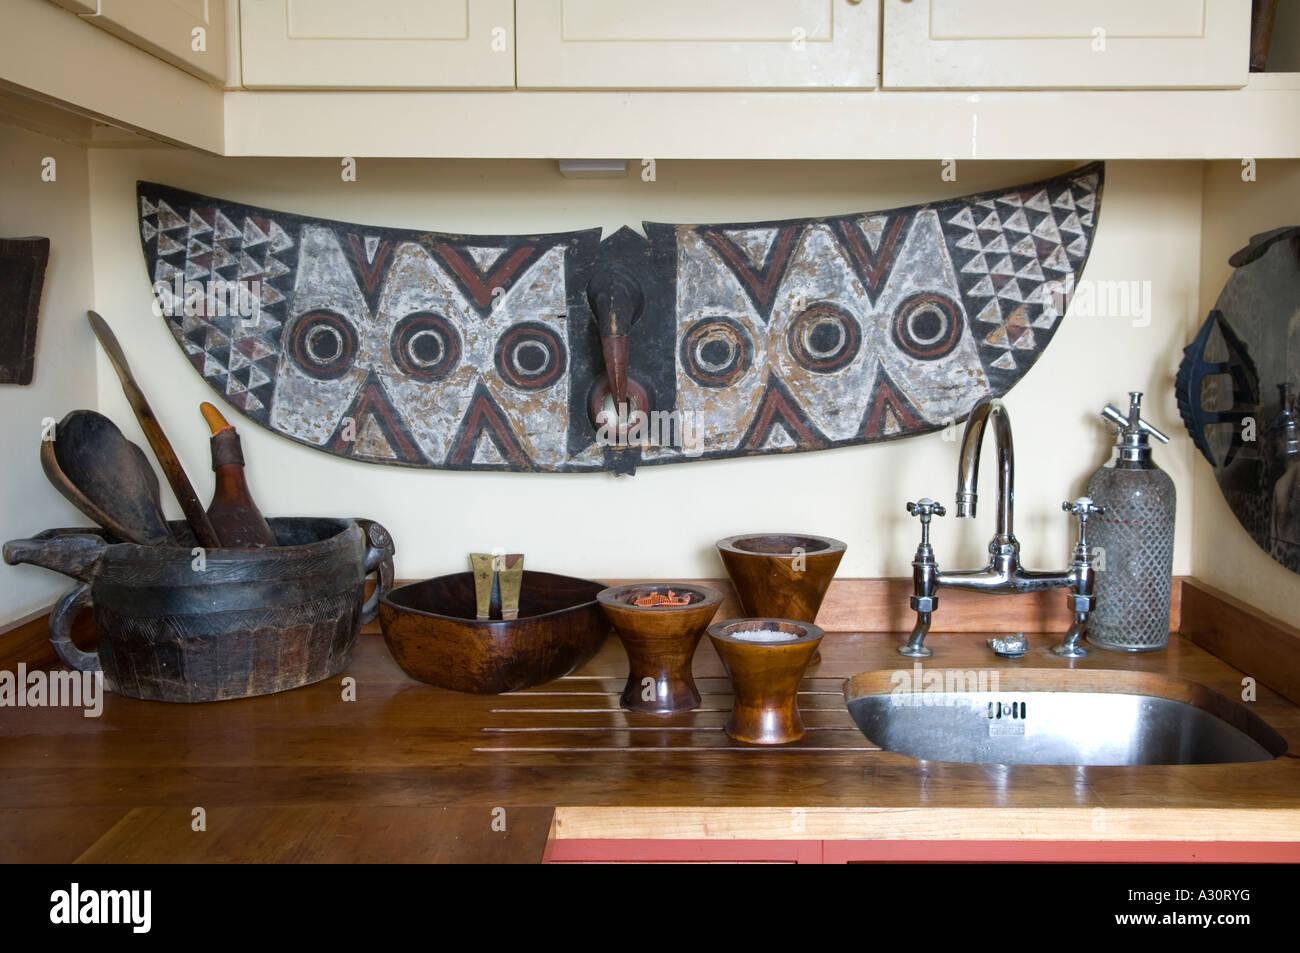 El lavabo de la cocina con el arte africano foto imagen for Lavabo cocina